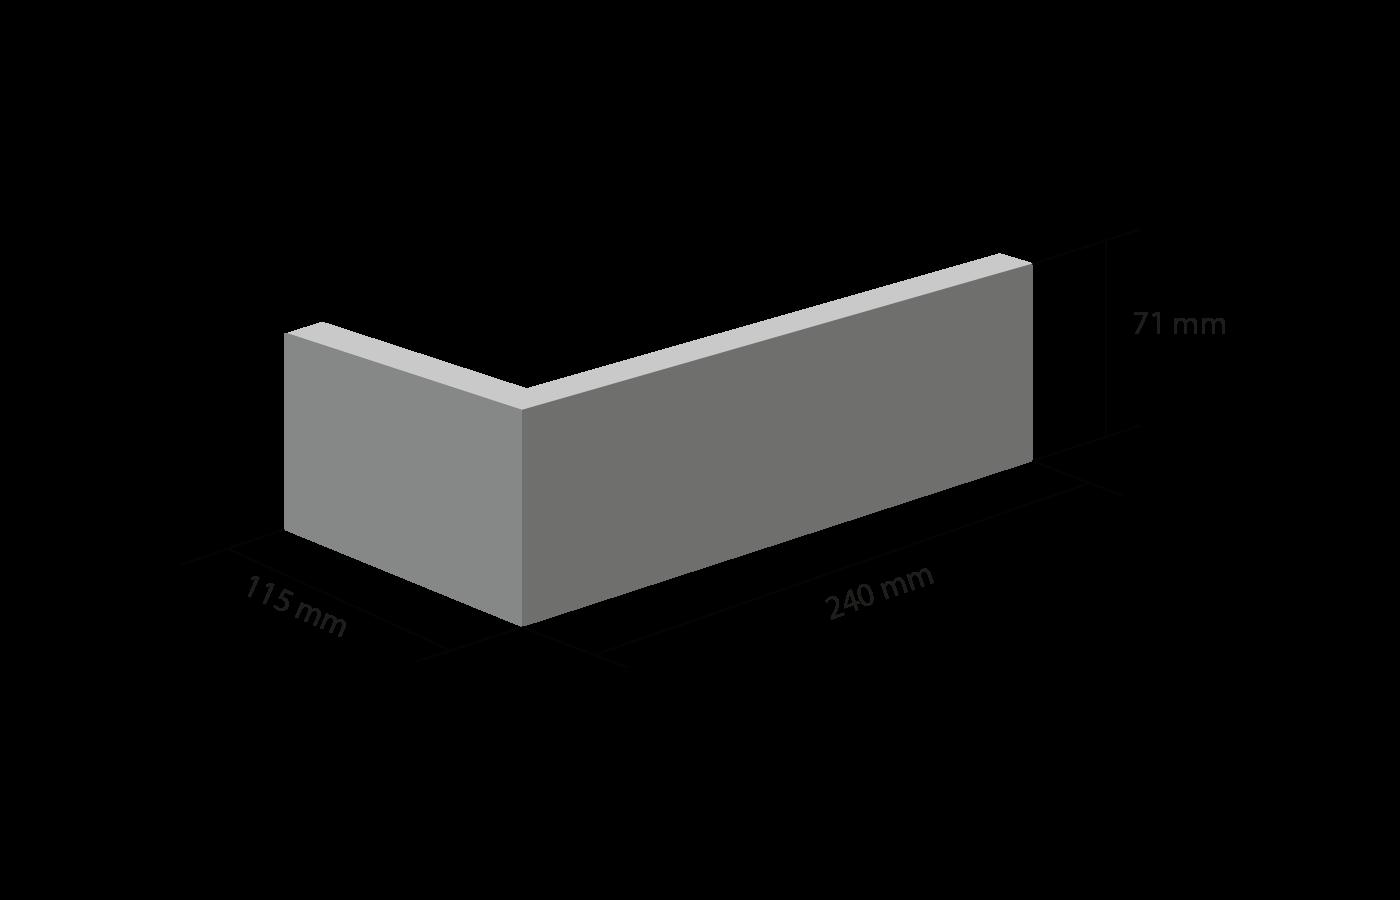 Угловая клинкерная плитка Roben. Фото